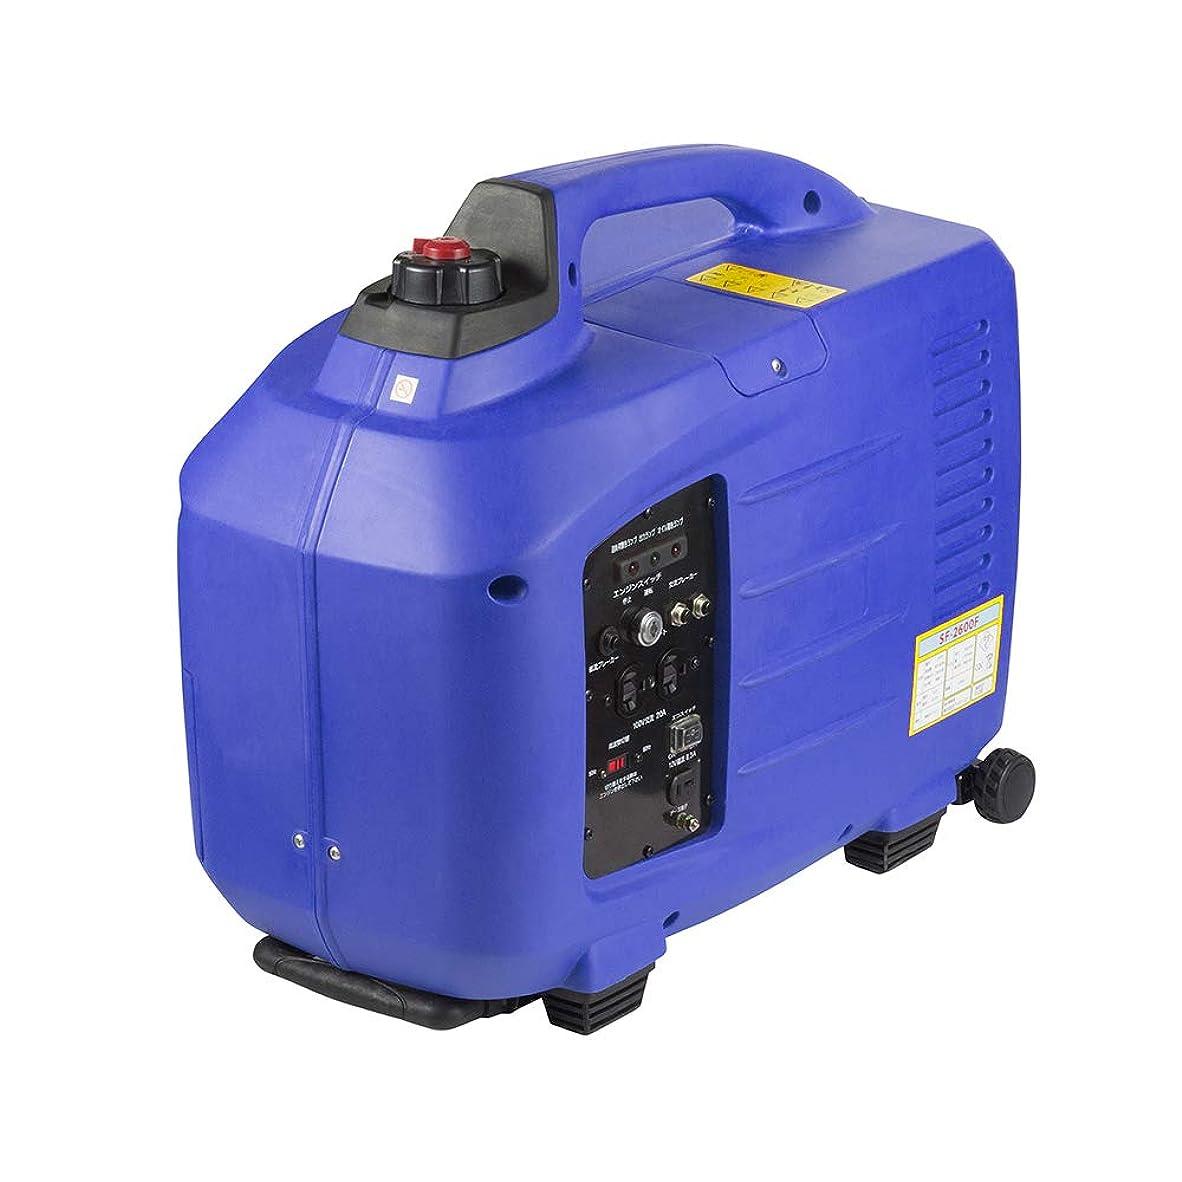 ご注意ビール願望BPC(ビーピーシー) インバーター発電機 定格出力 2.6kVA ブルー 災害 非常時 キャンプ アウトドアの電源に SF-2600F 909908